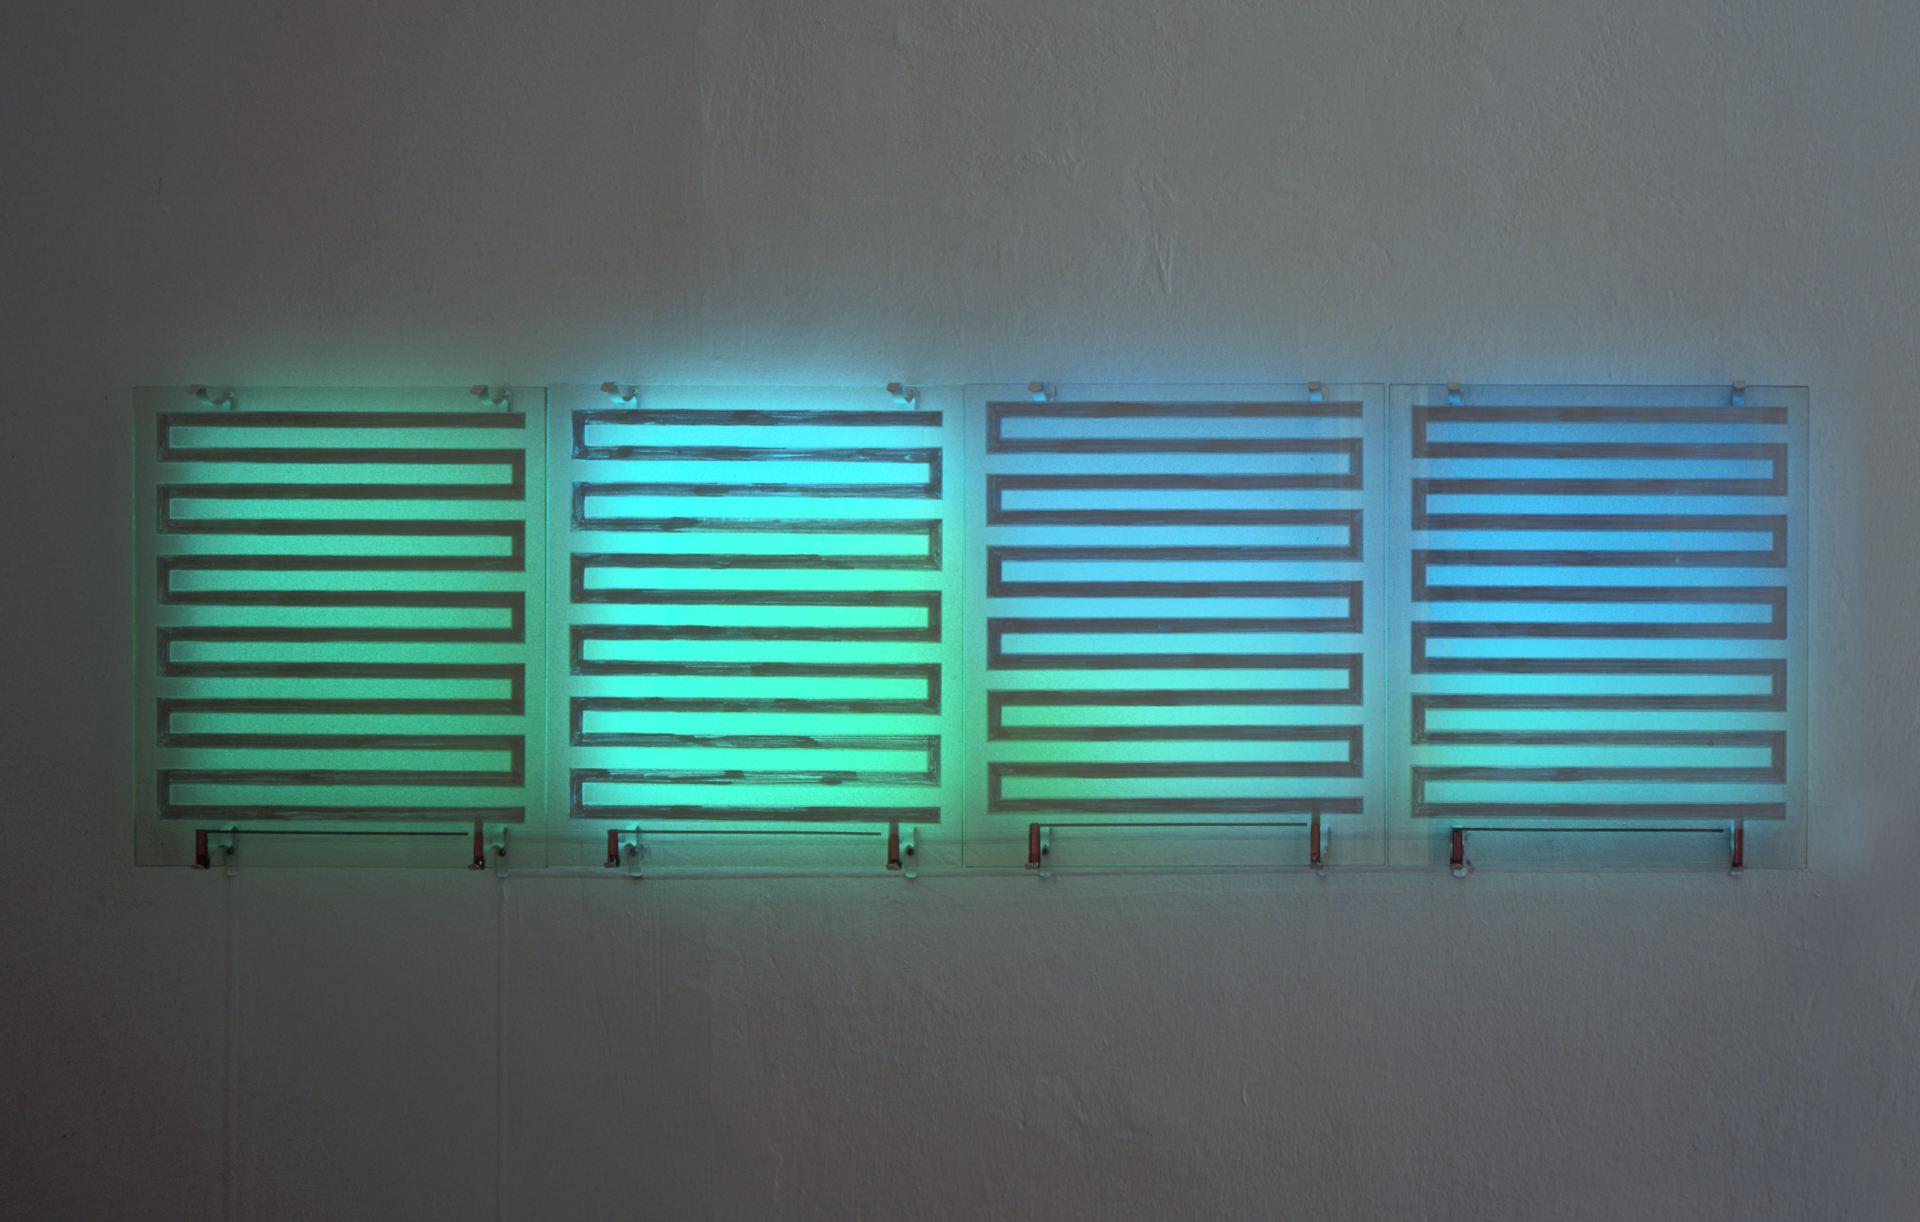 daniel_hausig_el-objekte_#2_1994-95_light-object